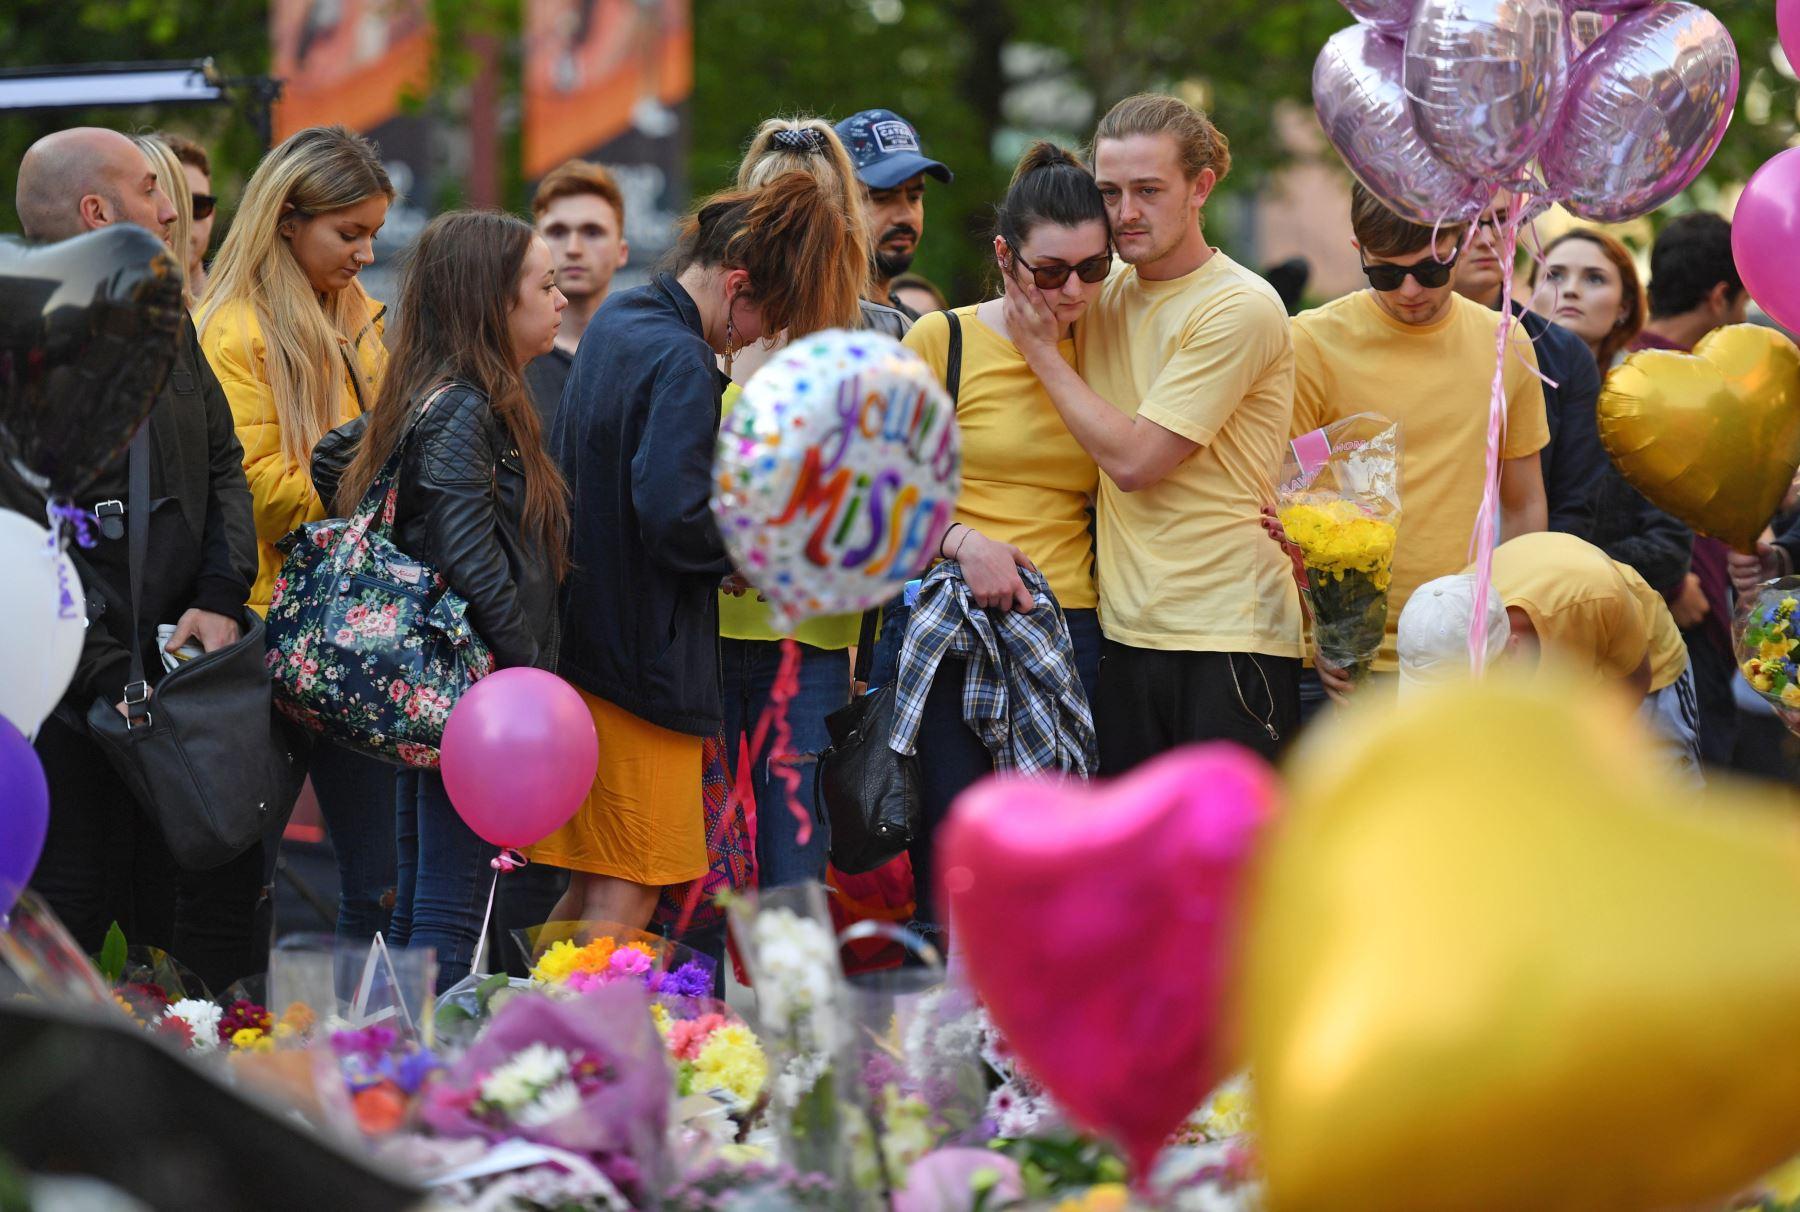 Homenaje a las víctimas del ataque terrorista en el Manchester Arena. Foto: AFP